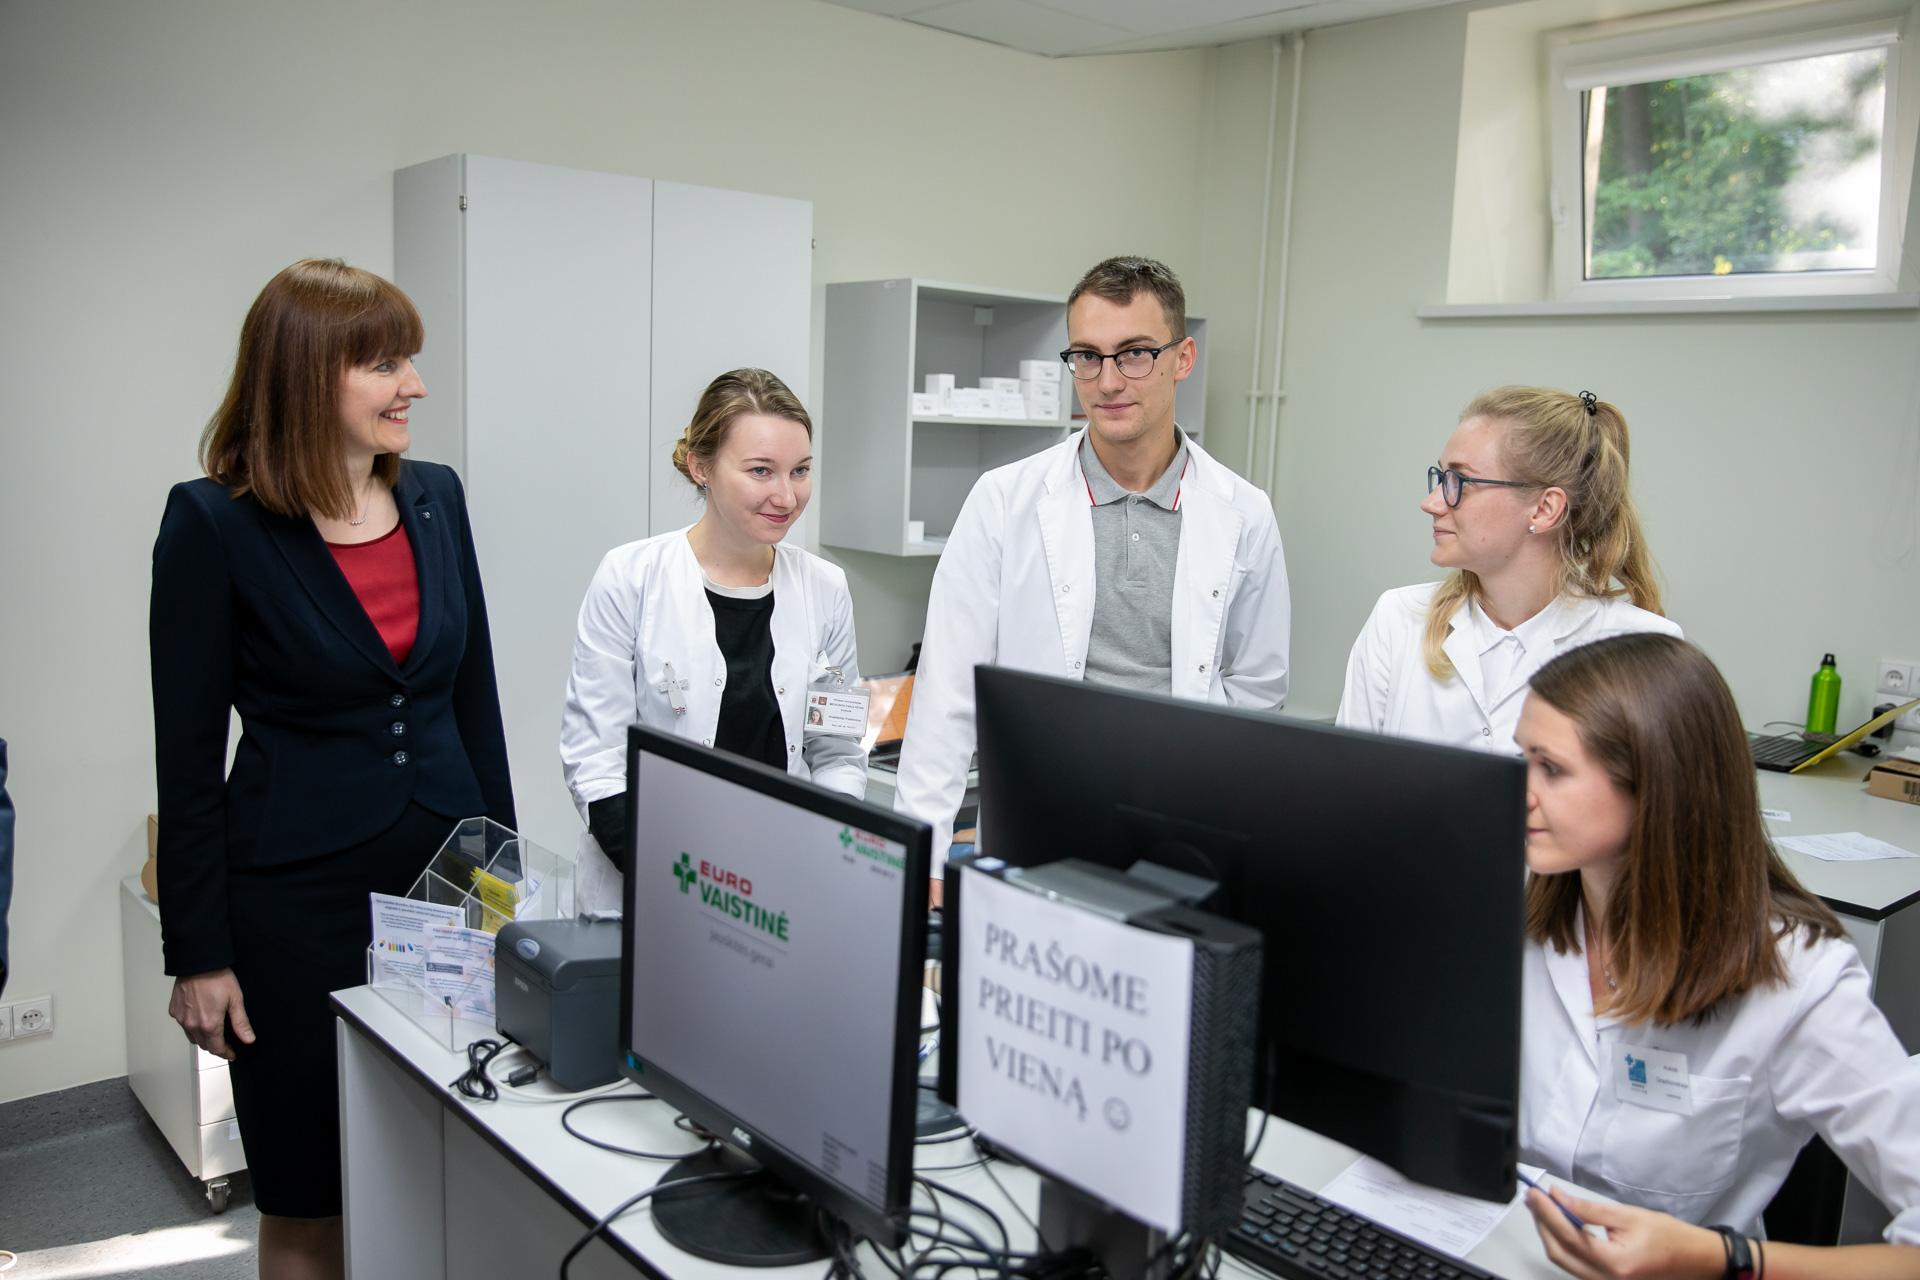 VU Medicinos fakultete Farmacijos penktakursiai dirba simuliacinėse vaistinėse